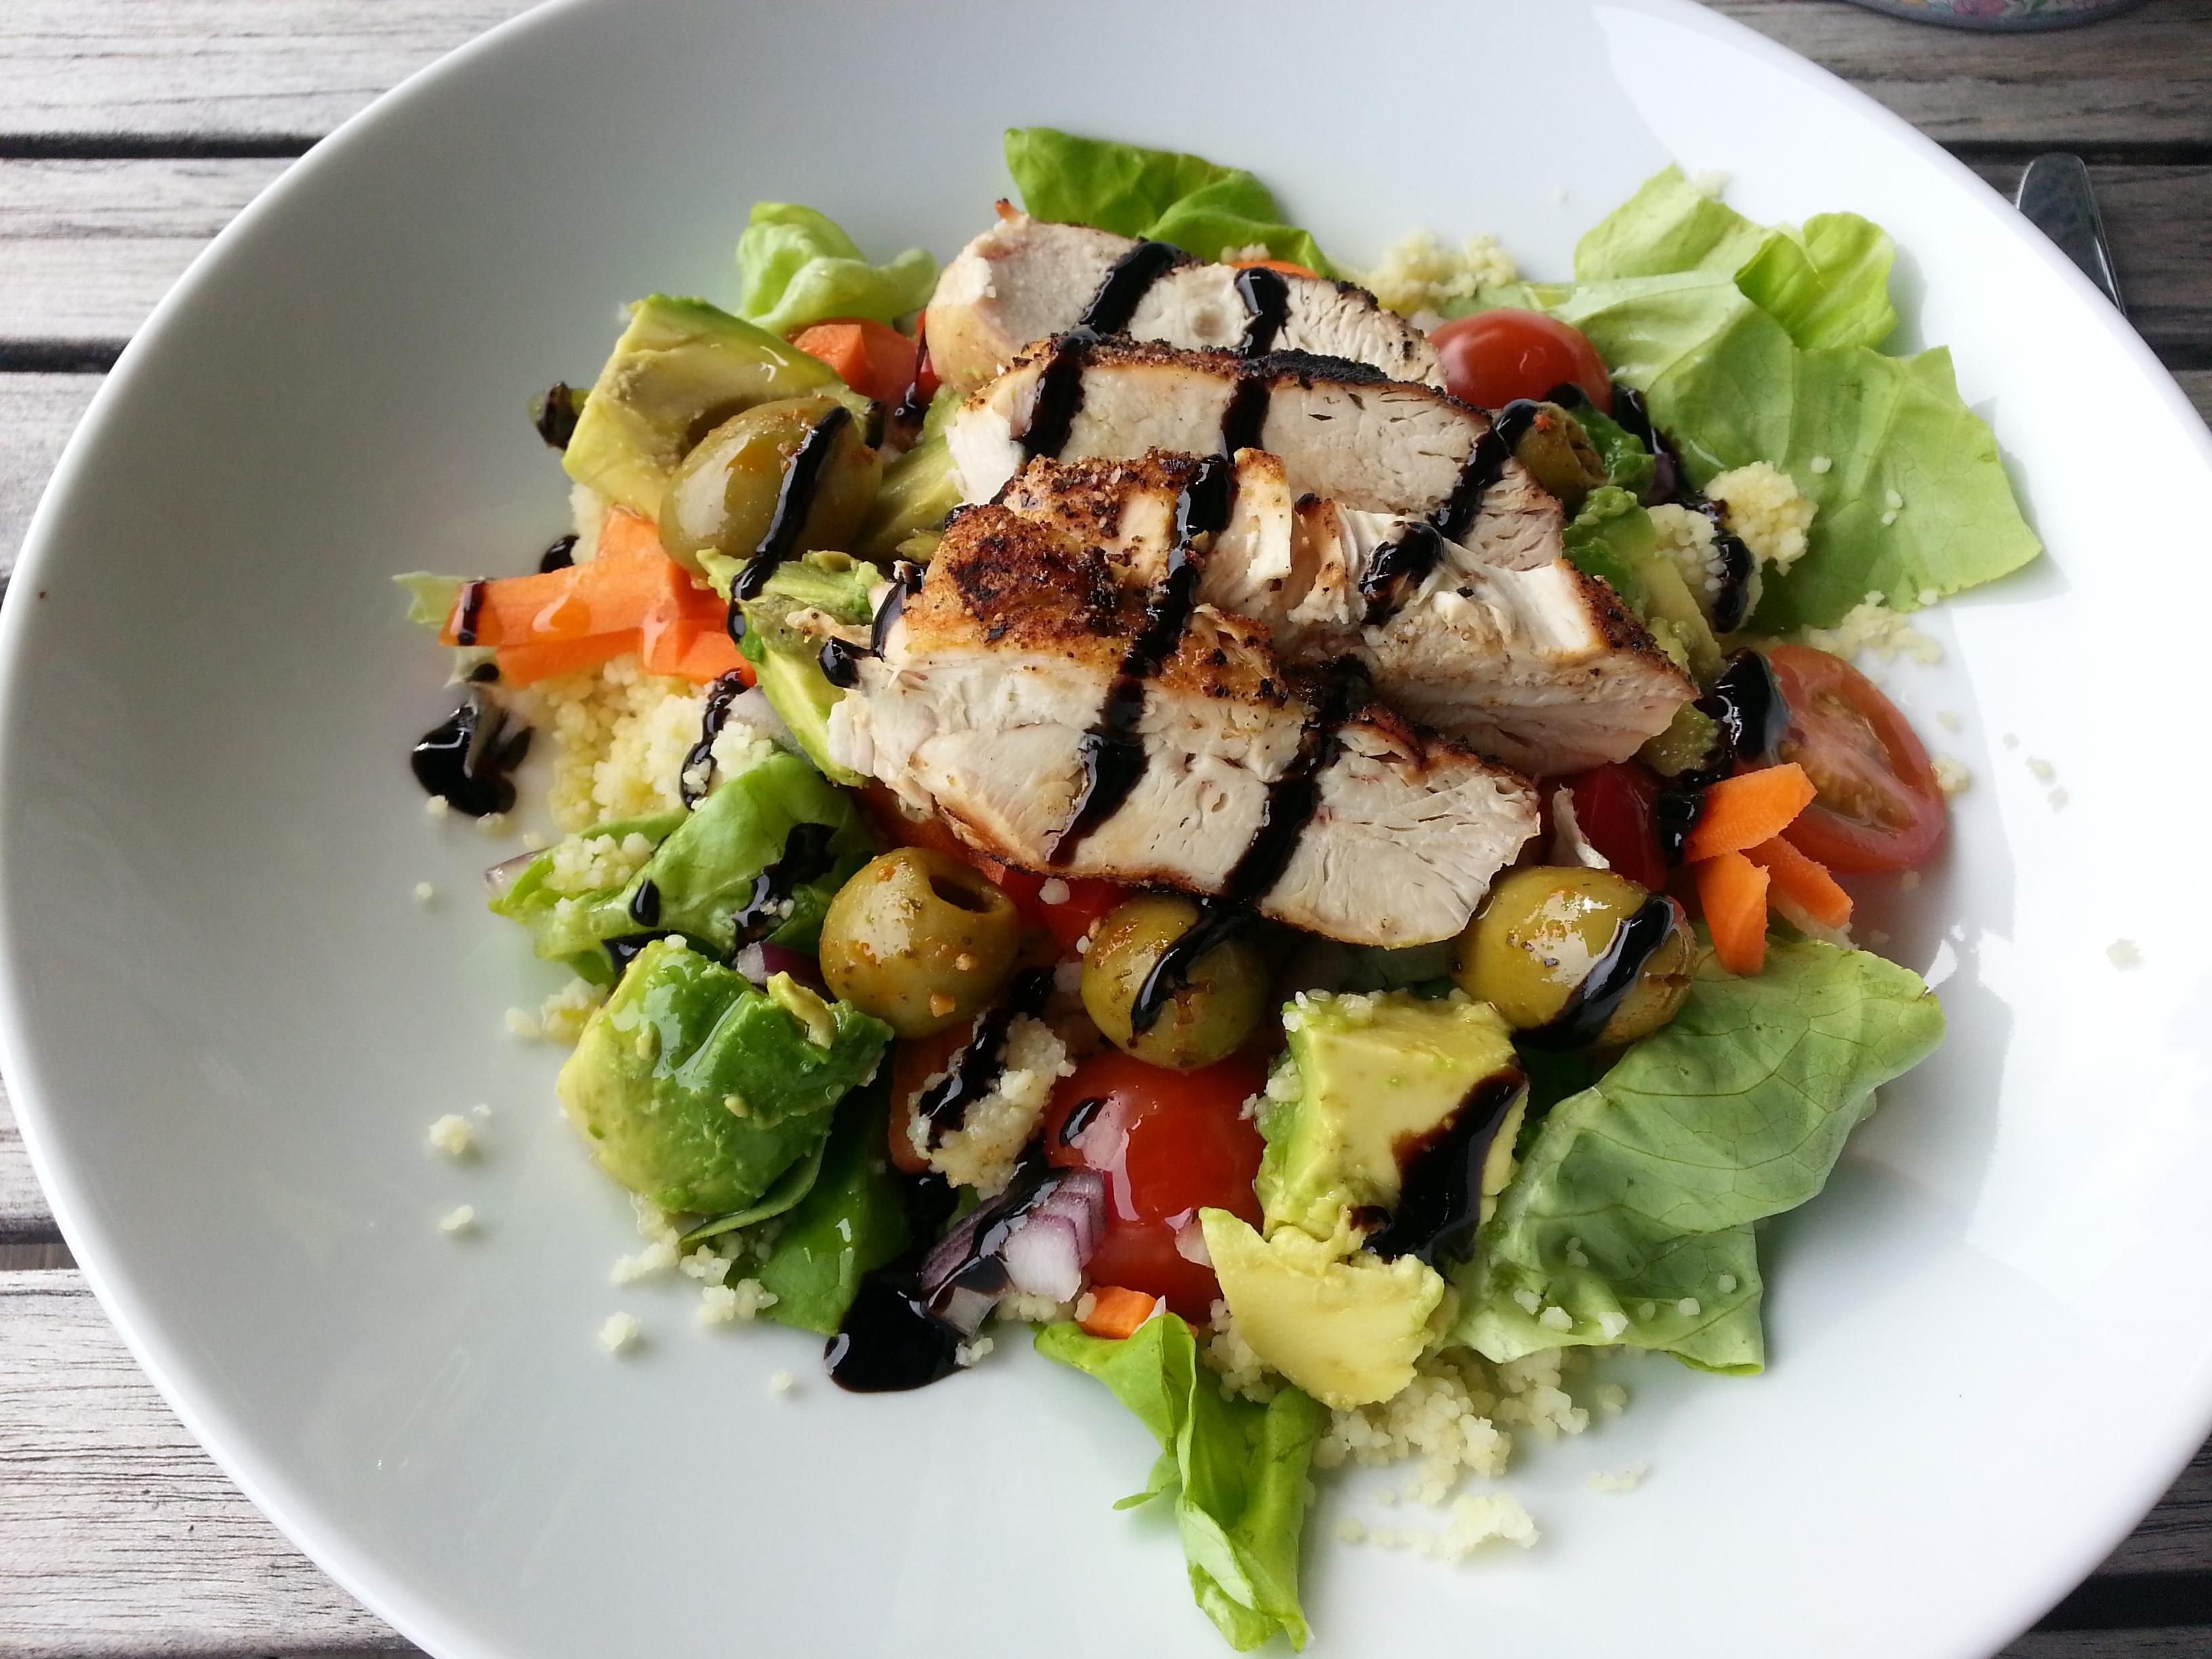 Salat med grillet kylling